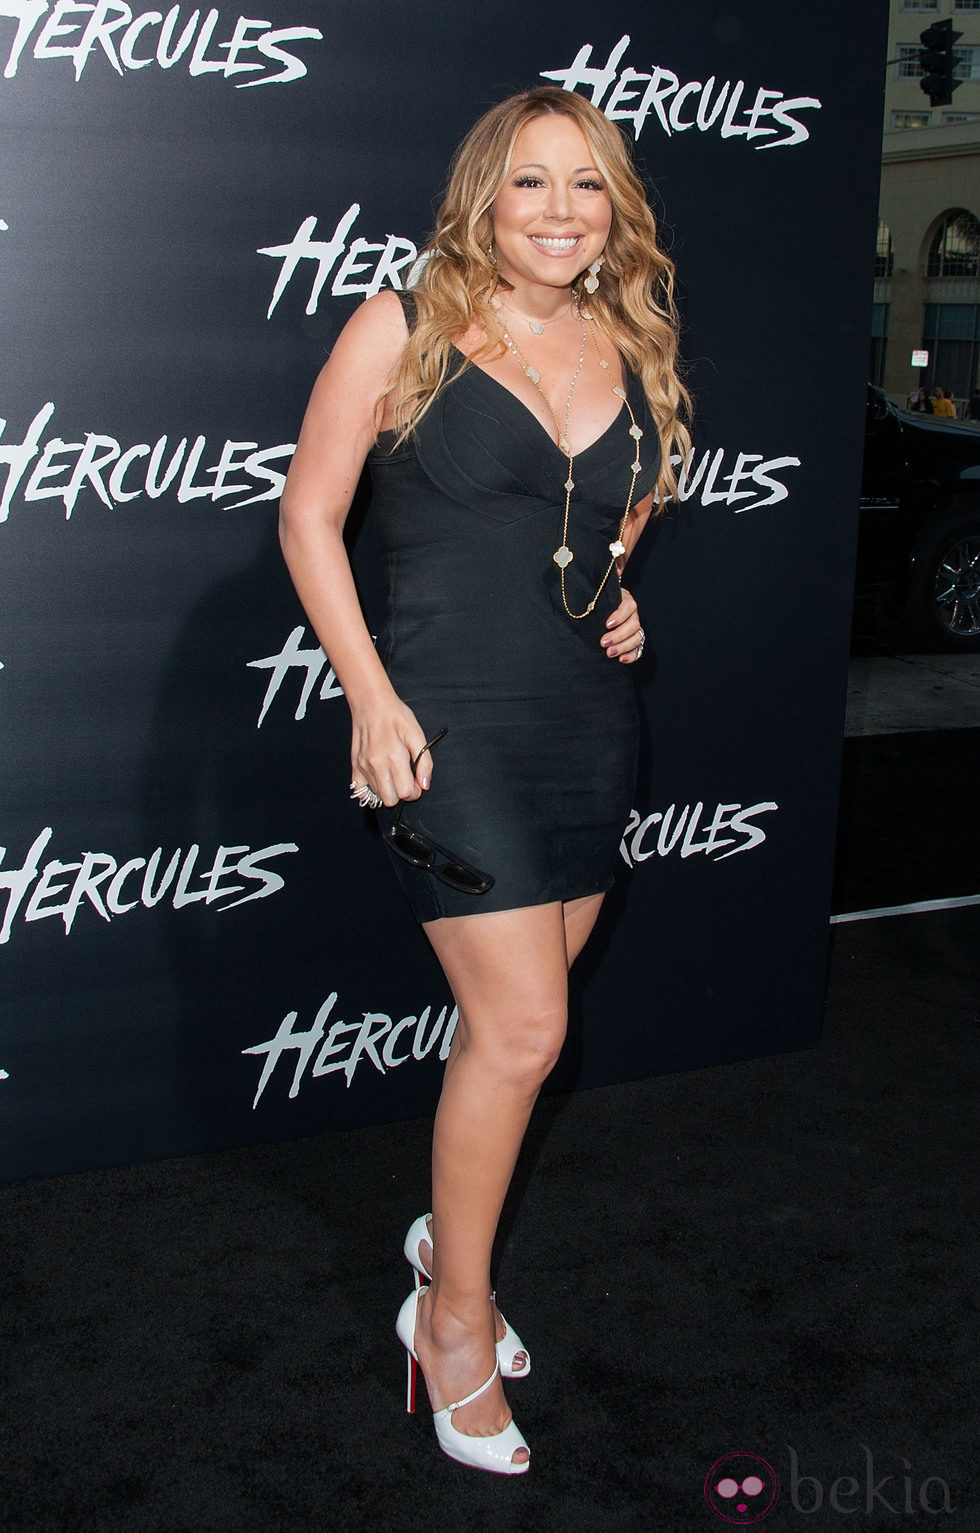 Mariah Carey en el estreno de 'Hércules' en Los Angeles